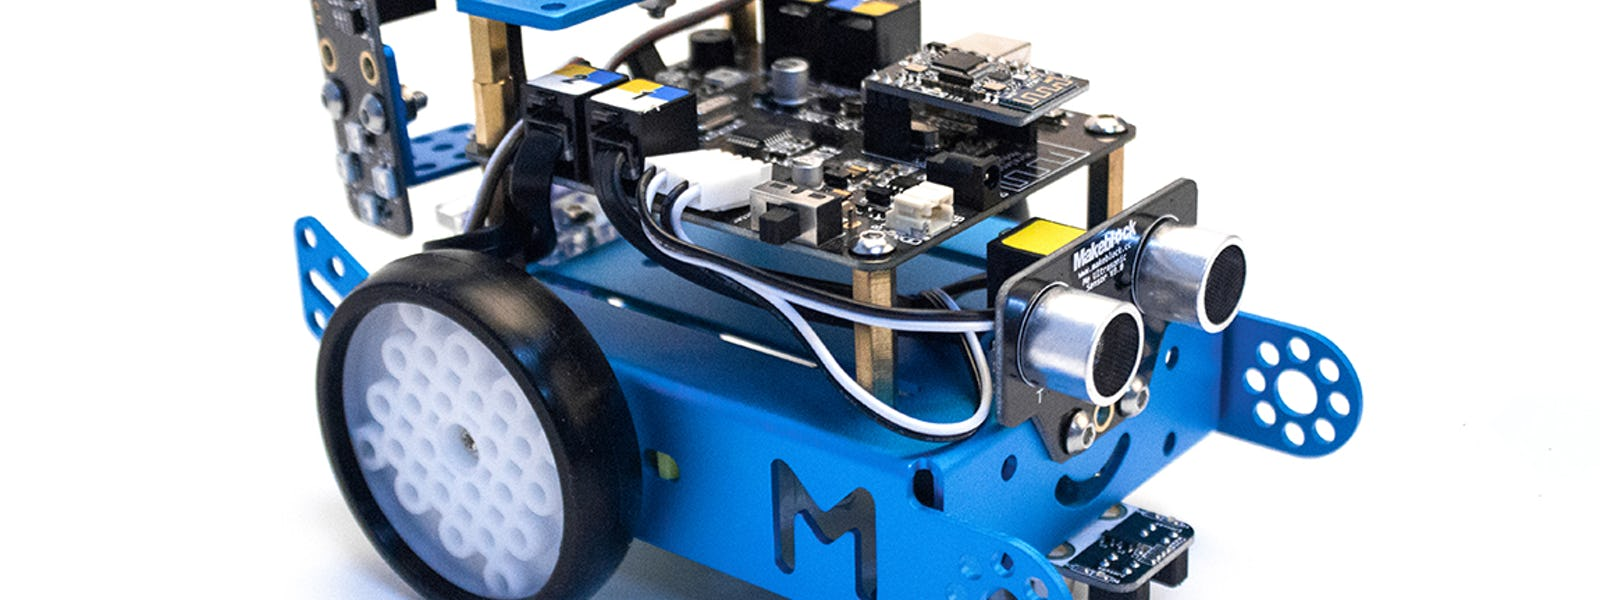 Bild - Workshop i robotprogrammering